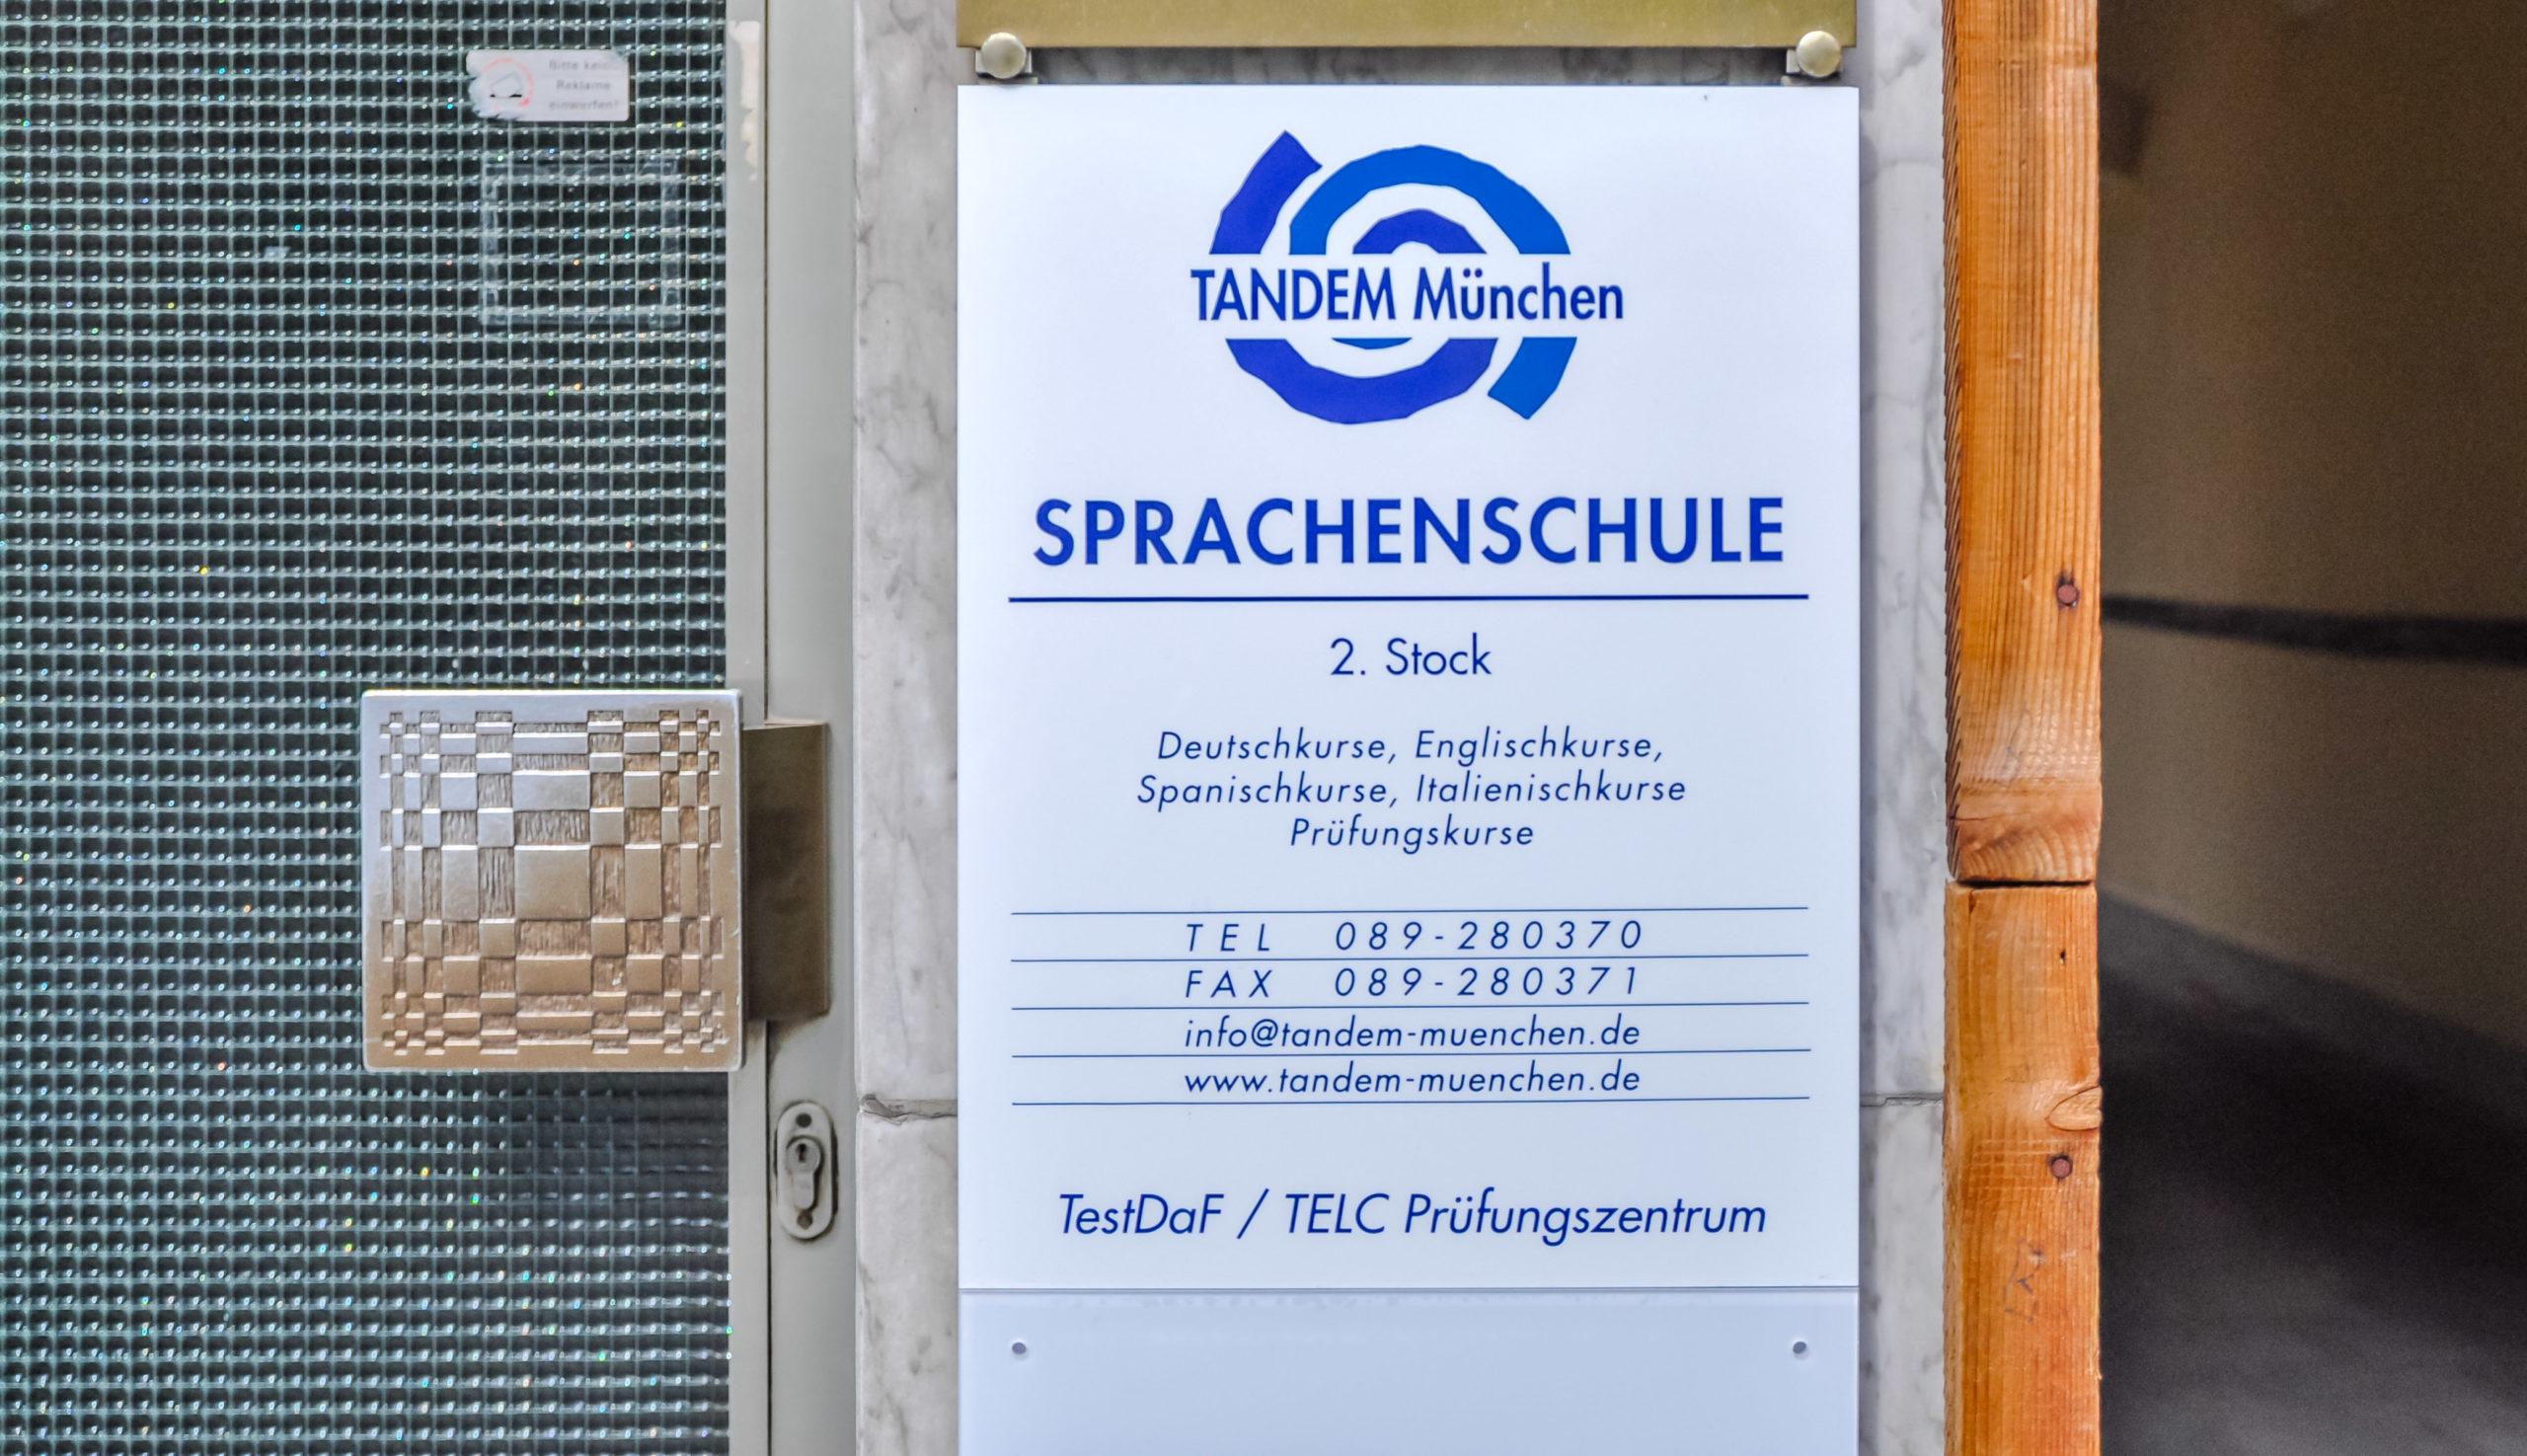 タンデム ミュンヘン 看板